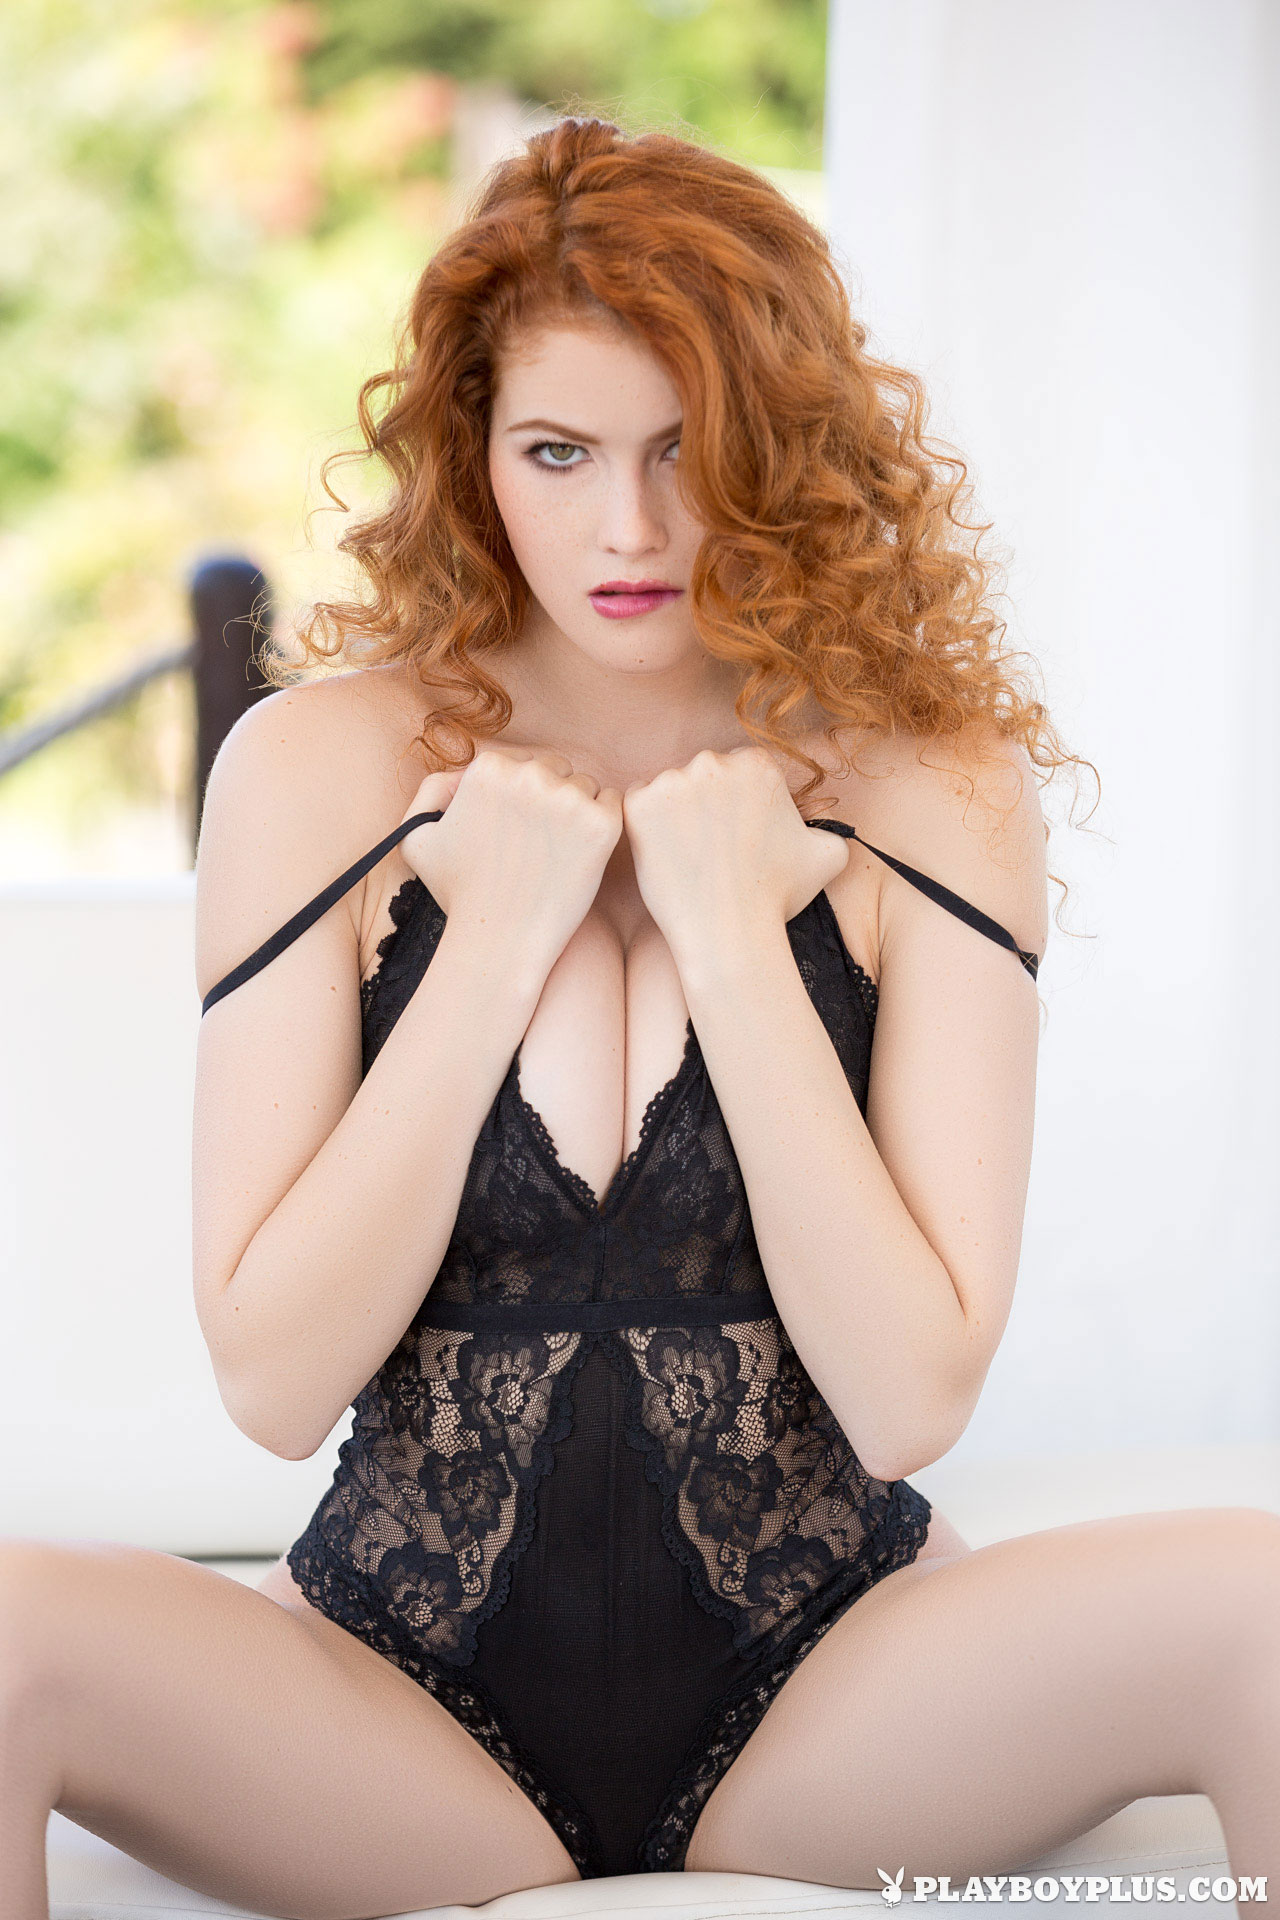 heidi-romanova-black-bodysuit-nude-playboy-02